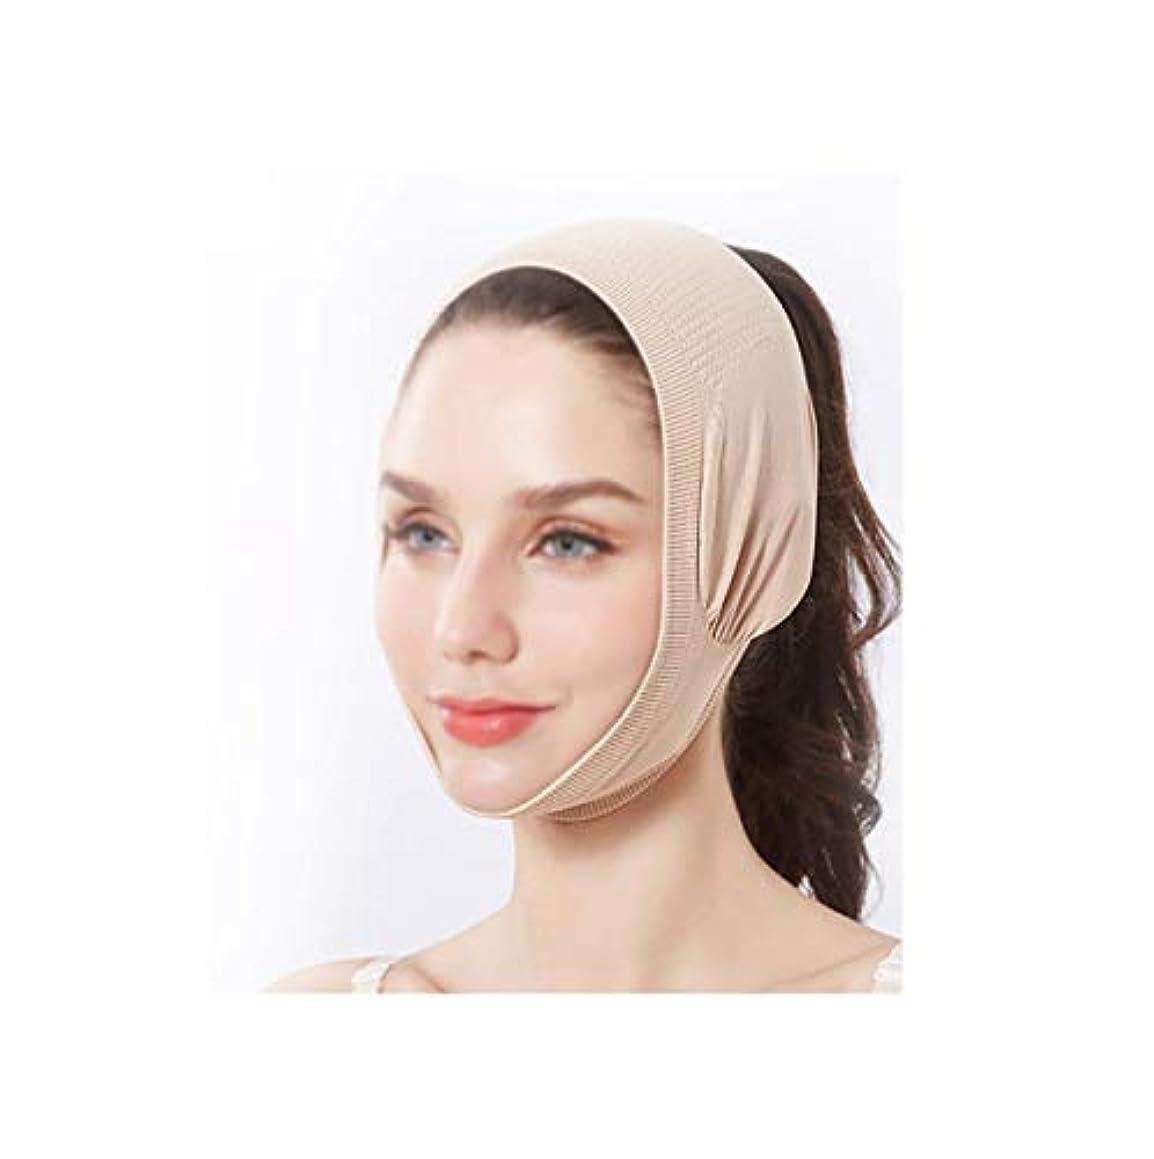 赤面ドアミラー水っぽいフェイスリフトマスク、フェイシャルマスクエクステンション強度フェイスレスバンデージバンディオンフェイスラージVラインカービングフェイスバックカバーネックストラップ(色:肌の色)